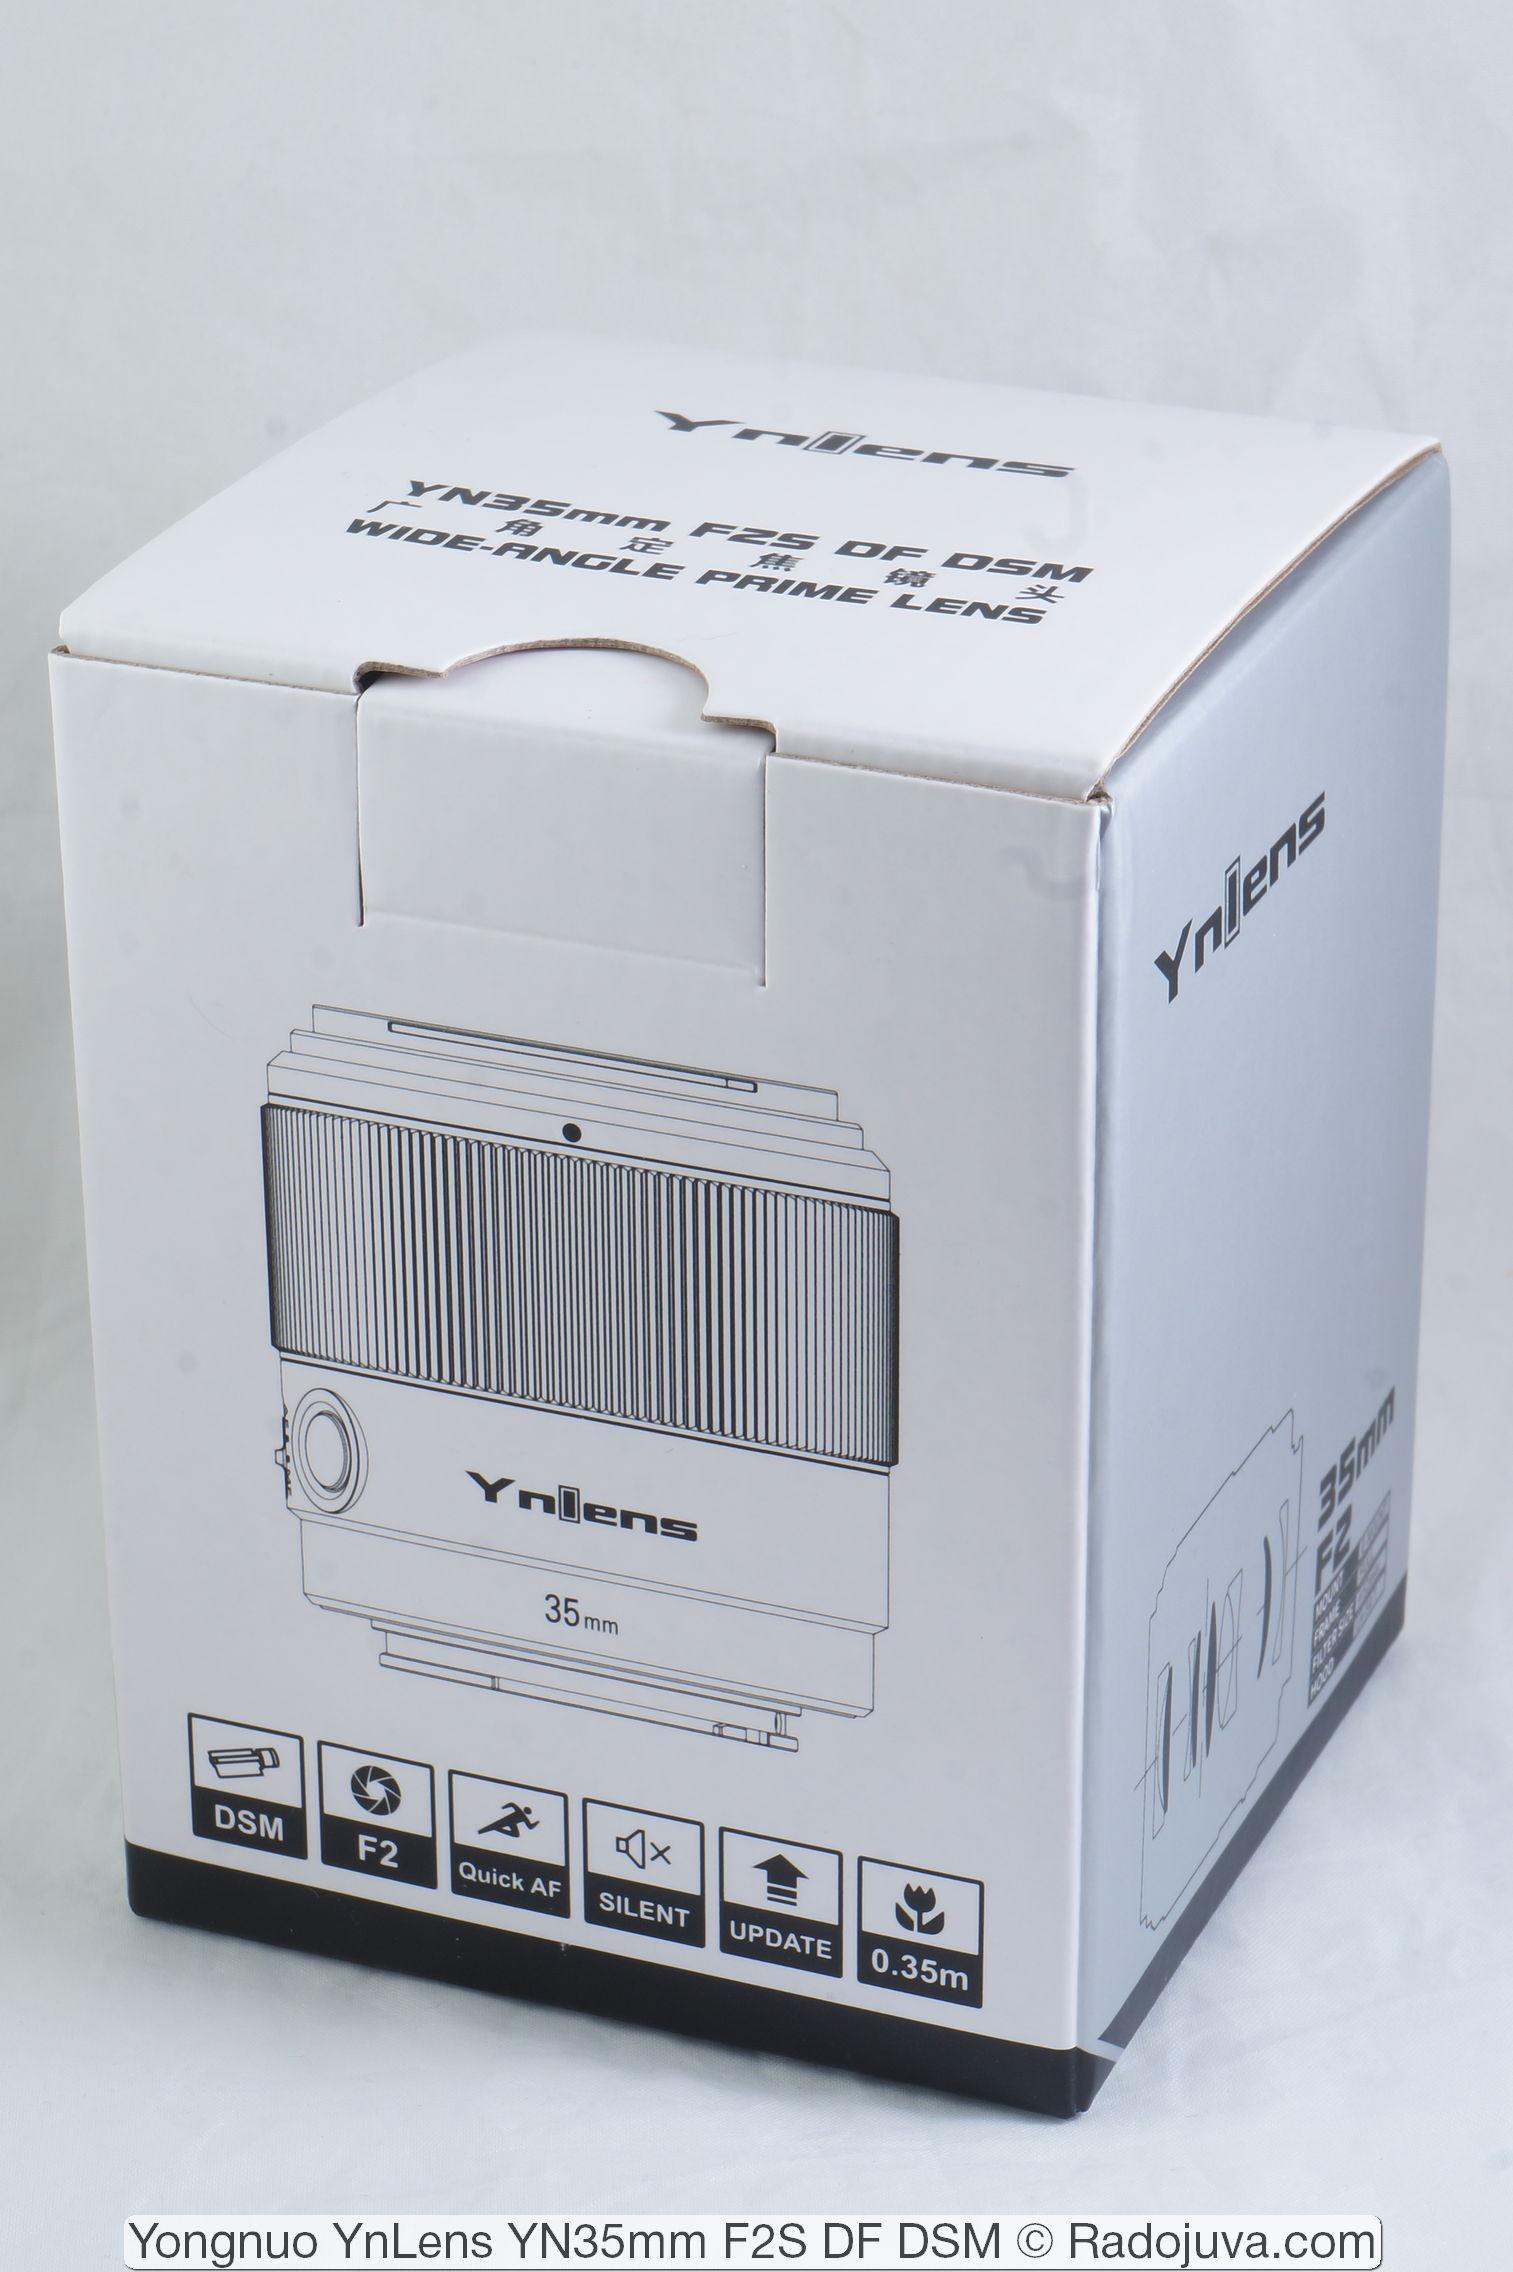 Yongnuo YnLens YN35mm F2S DF DSM (для Sony E/FE)